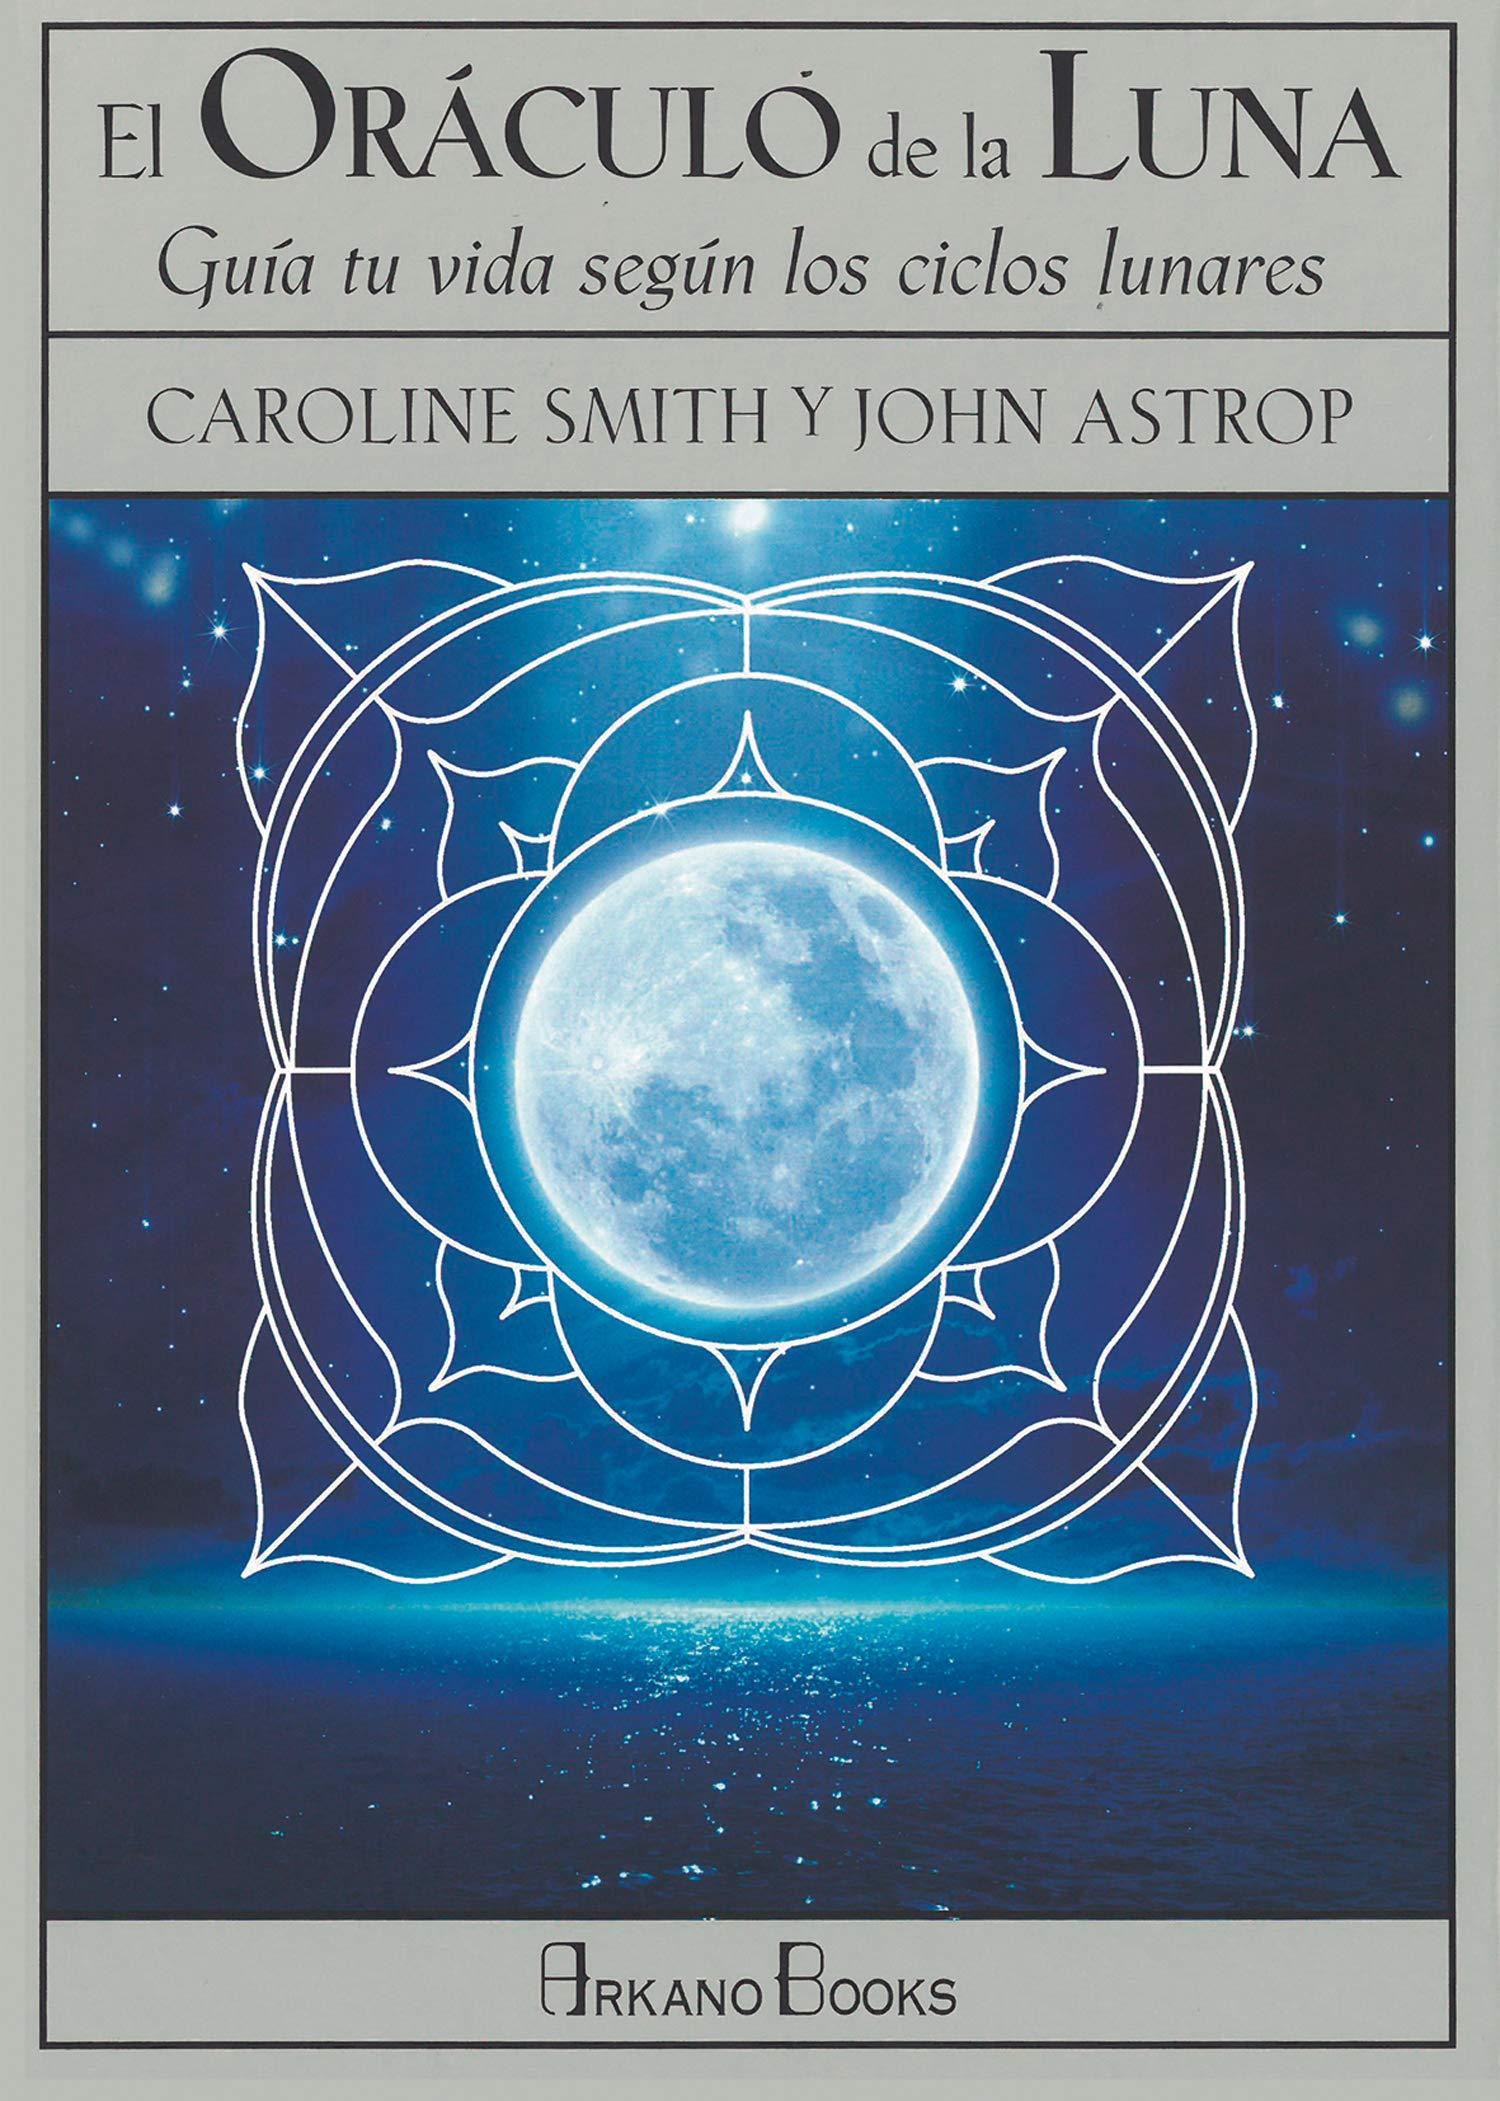 El oráculo de la luna. Guía tu vida según los ciclos lunares: Amazon.es: Smith, Caroline, Astrop, John, Steinbrun, Nora: Libros